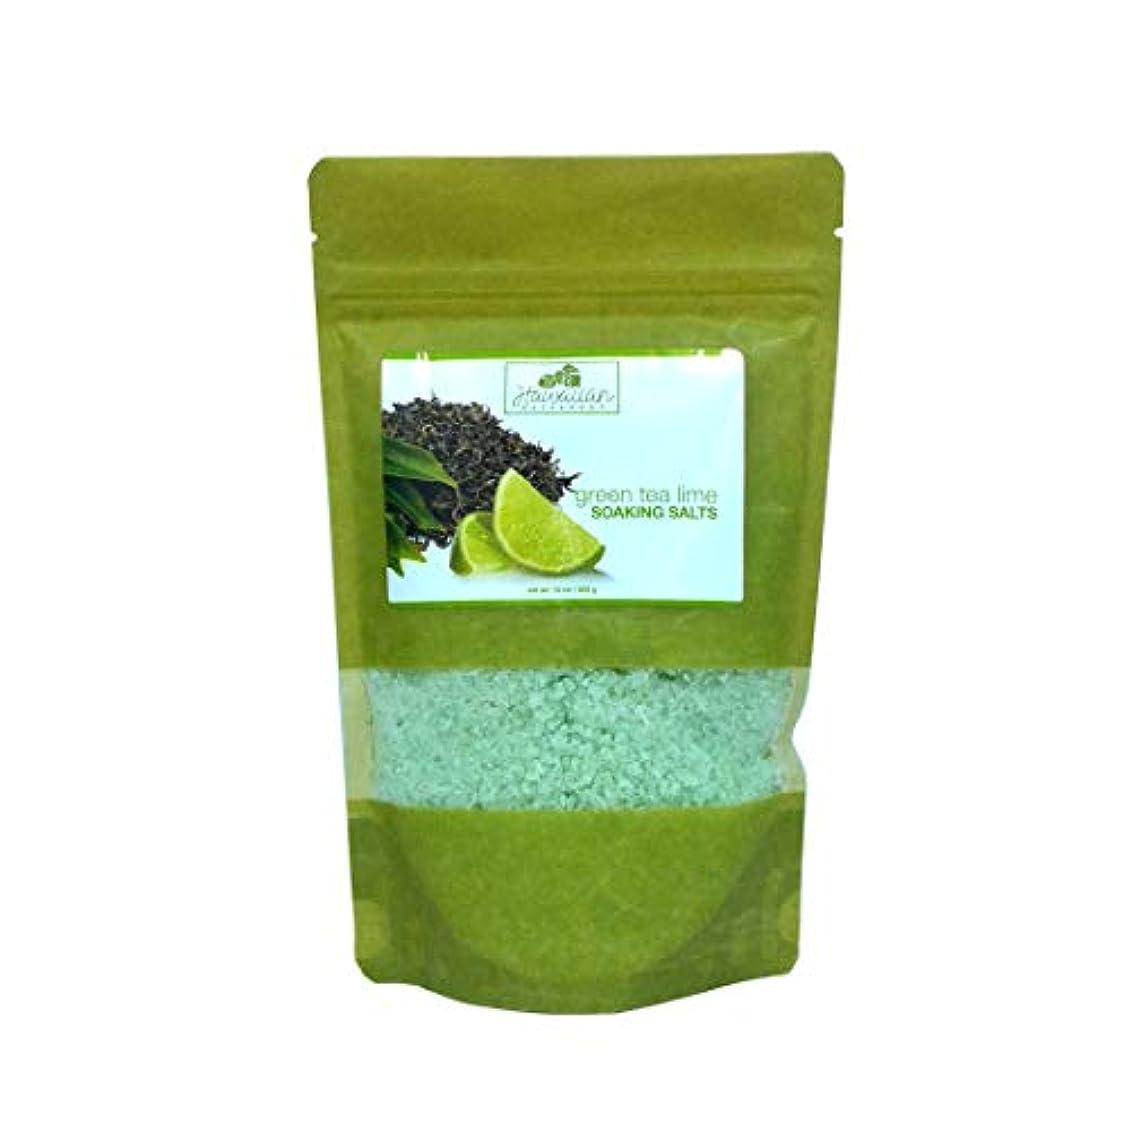 ハワイアンバス&ボディ グリーンティー&ライム バスソルト (Bath Salt Green Tea & Lime)